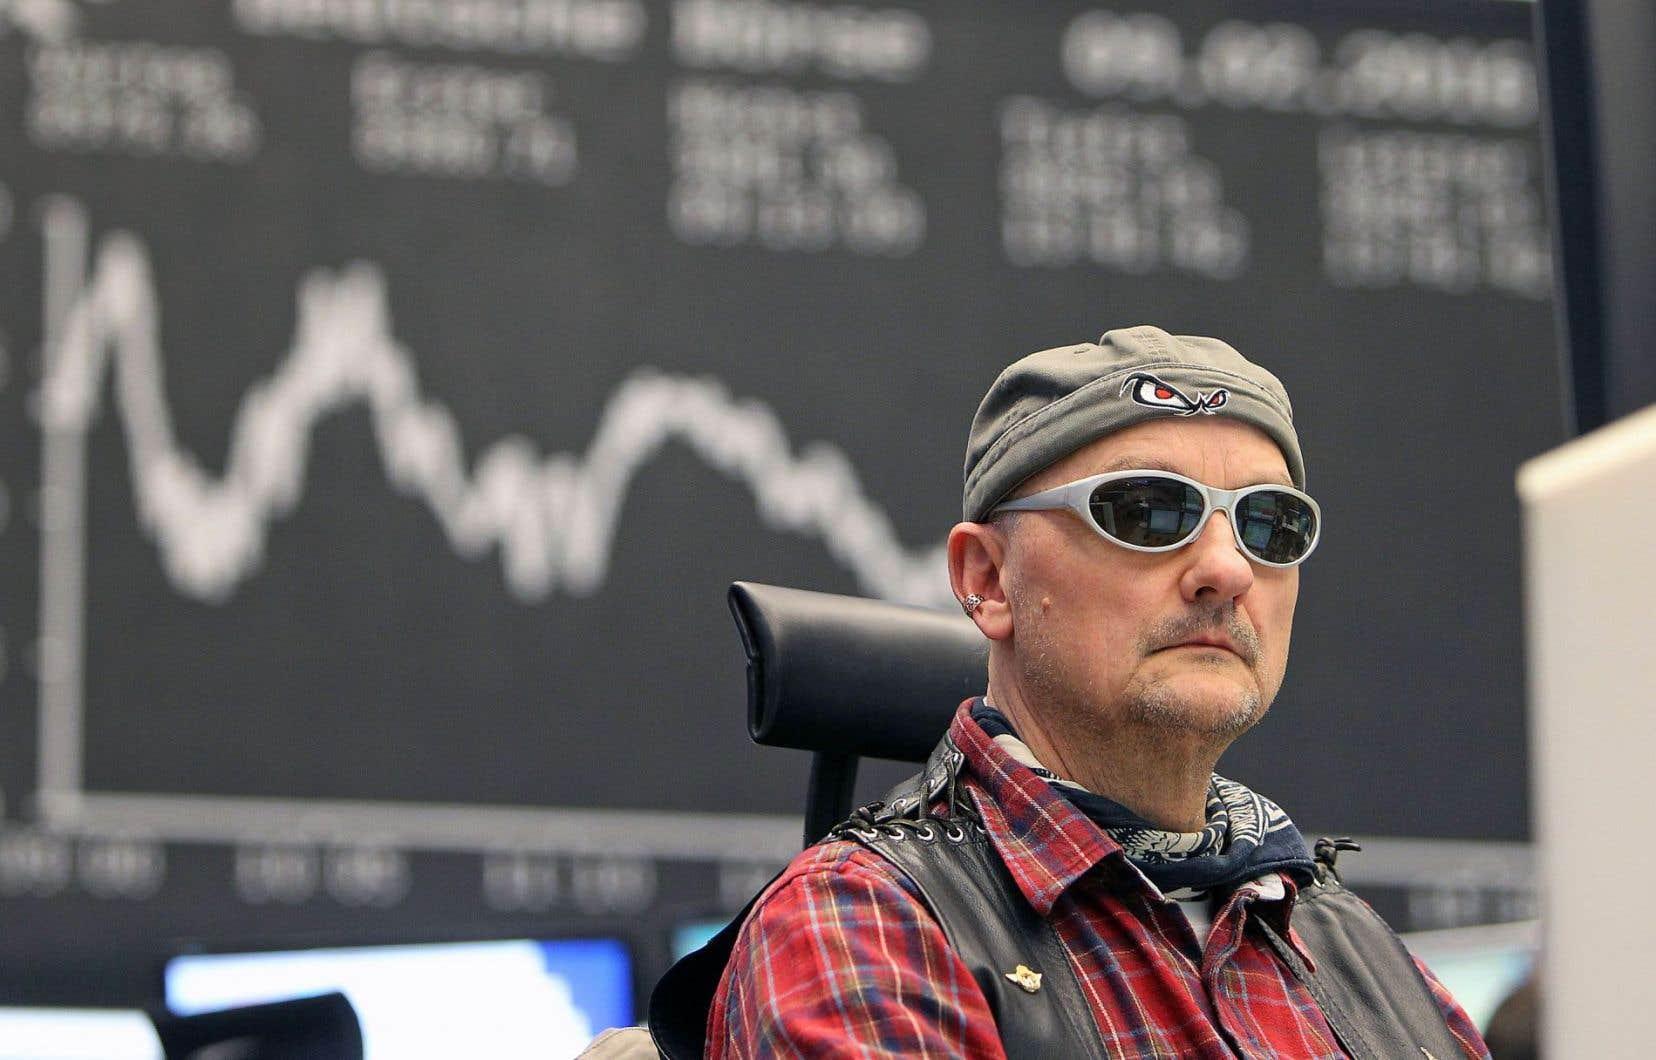 La dégringolade des prix du pétrole et les reculs des marchés boursiers à travers le monde n'ont pas empêché les courtiers de la Bourse de Francfort de se déguiser pour le carnaval, mardi.